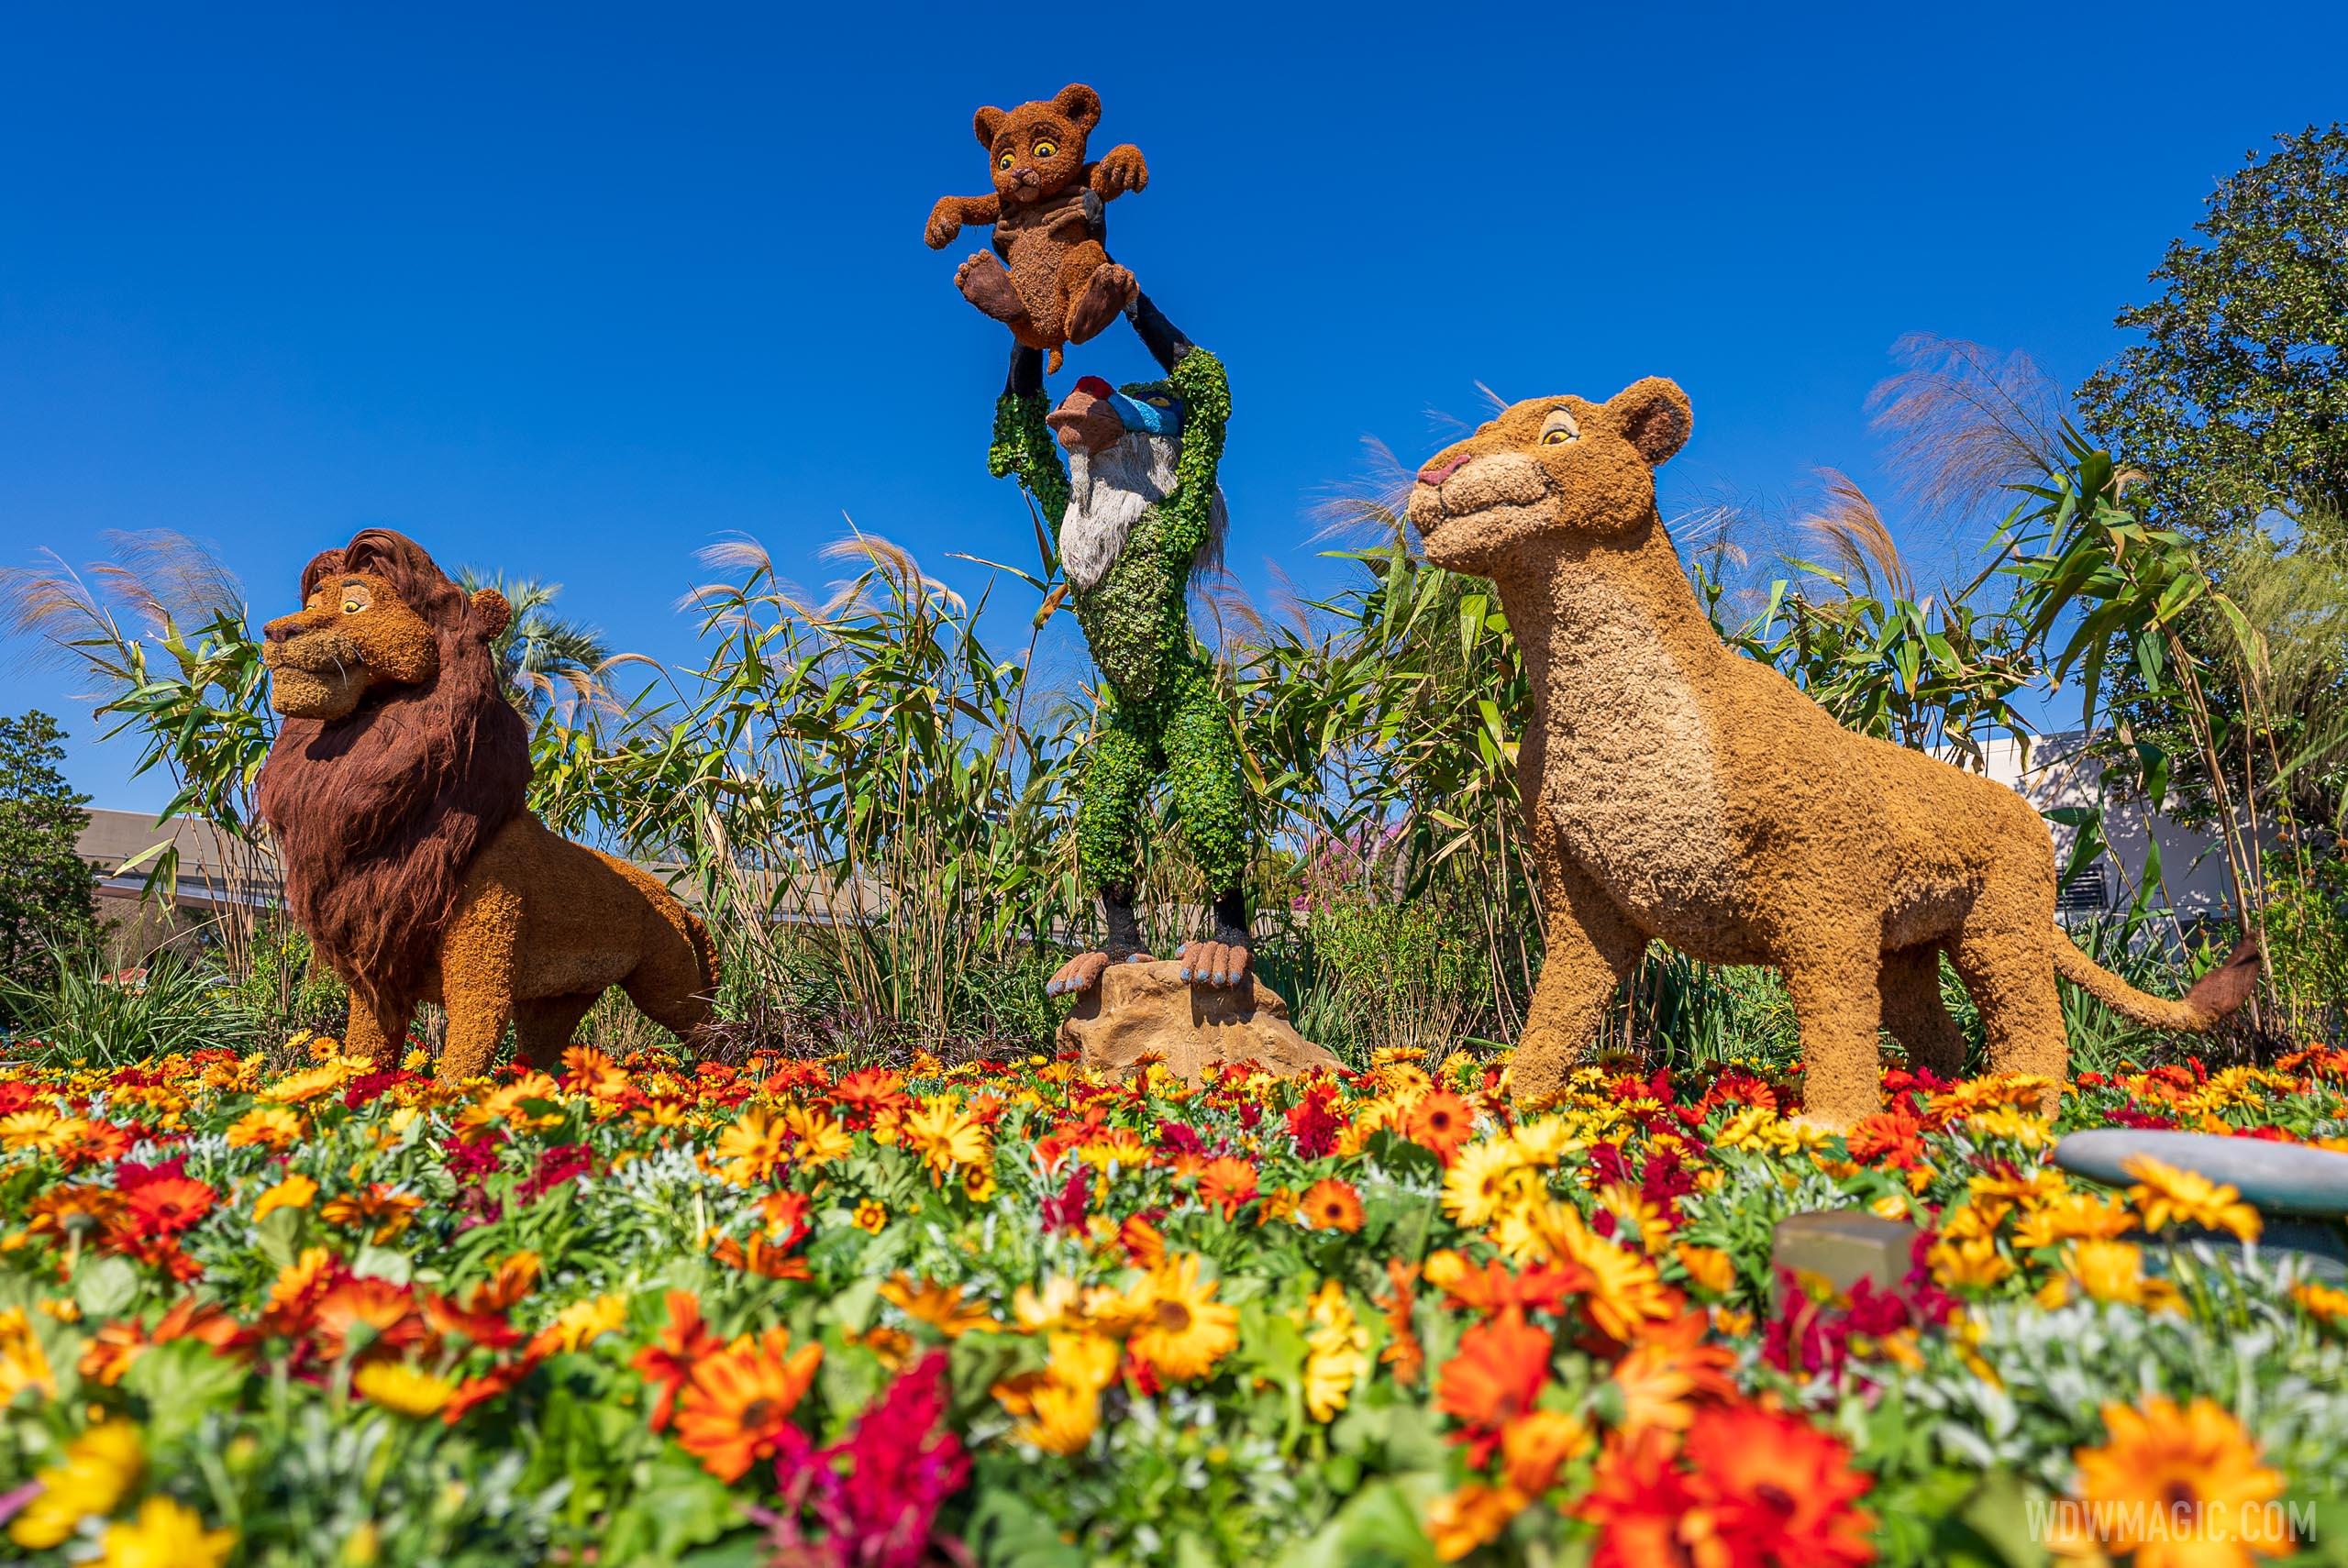 Epcot-International-Flower-and-Garden-Festival_Full_41048.jpg